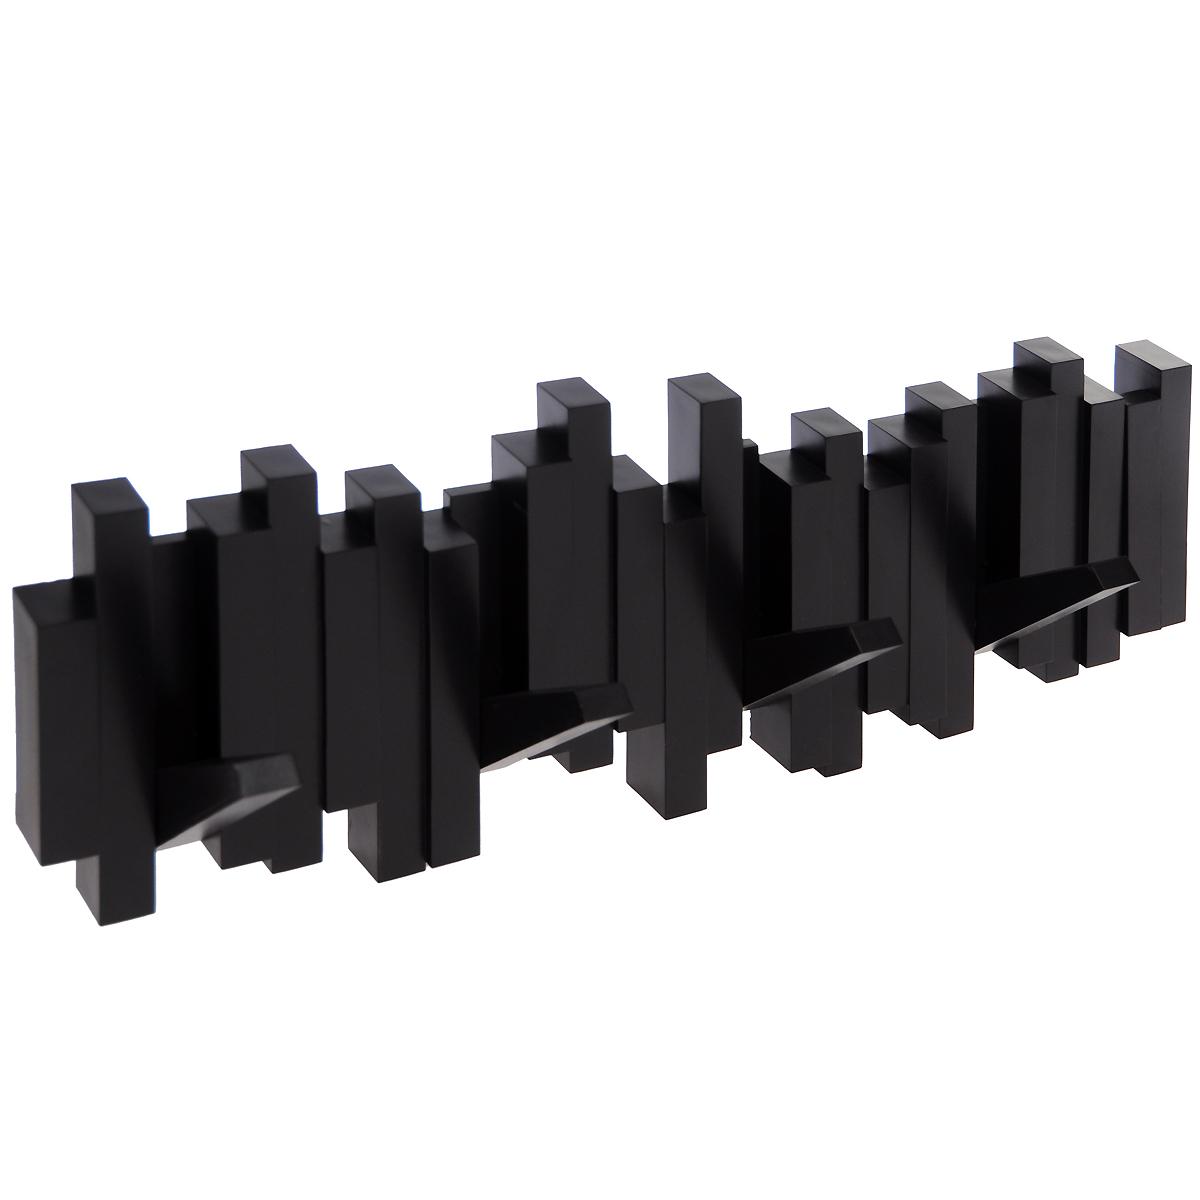 Вешалка настенная Umbra Sticks, цвет: шоколадный, 5 крючков318211-213Стильная и прочная вешалка Umbra Sticks интересной формы и оригинального дизайна изготовлена из прочного пластика. Имеет 5 откидных и прочных крючков. Когда они не используются, то складываются, превращая конструкцию в плоский декоративный элемент стильной формы. Вешалка Umbra Sticks идеально подходит для маленьких прихожих и ограниченных пространств. Каждый крючок выдерживает вес до 2,3 кг. Размер вешалки: 50 см х 17 см х 2 см.